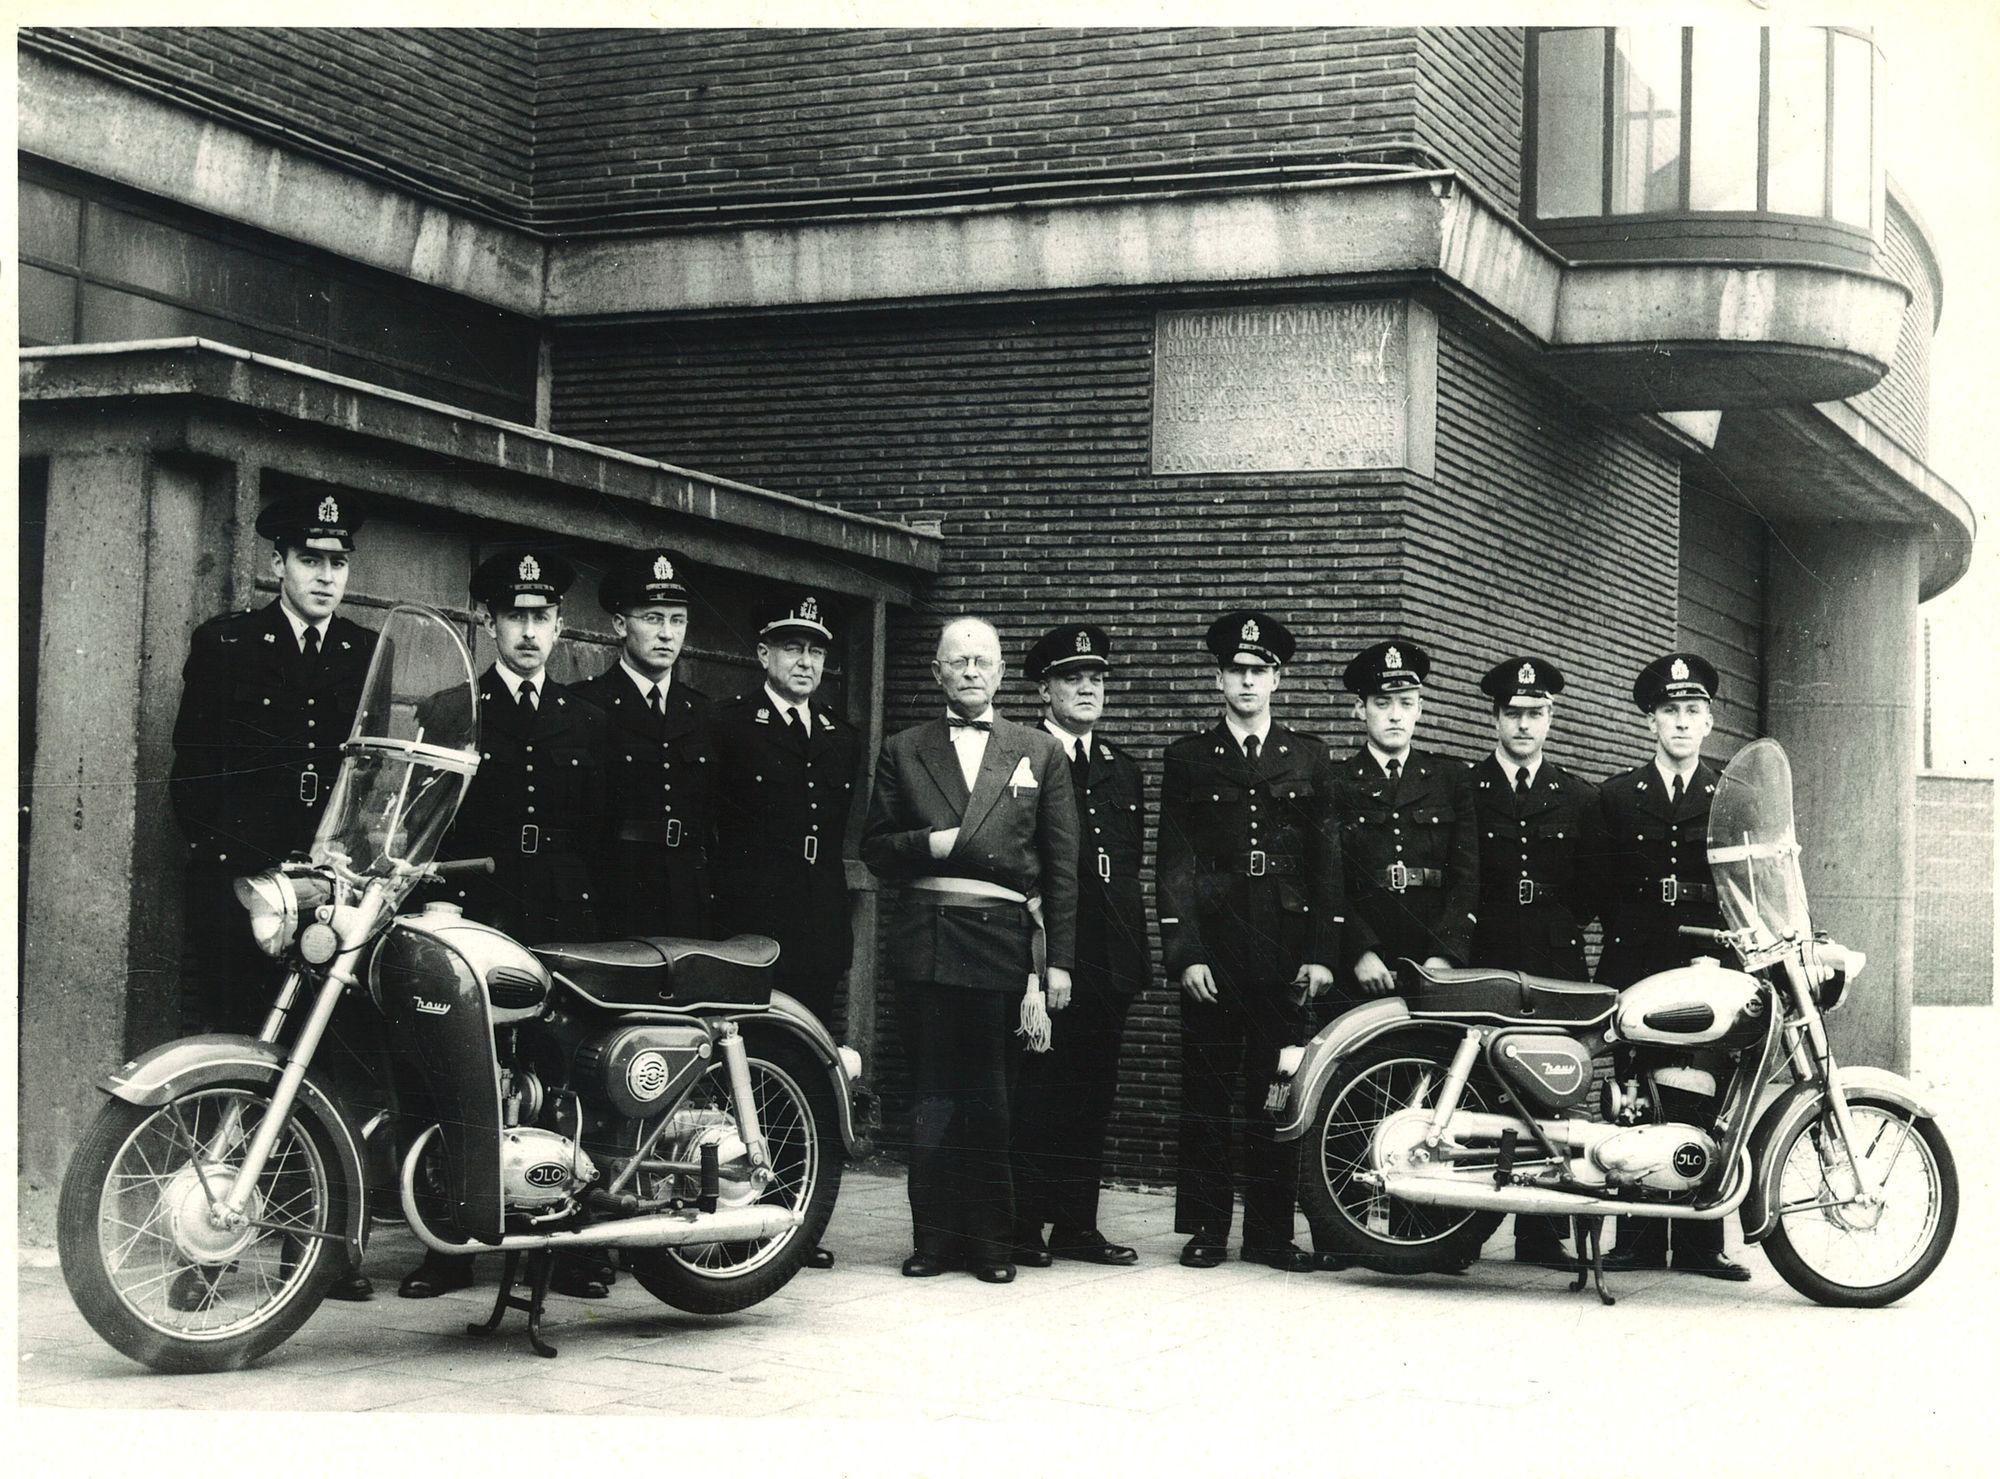 Bereden stadspolitie presenteert nieuwe motoren